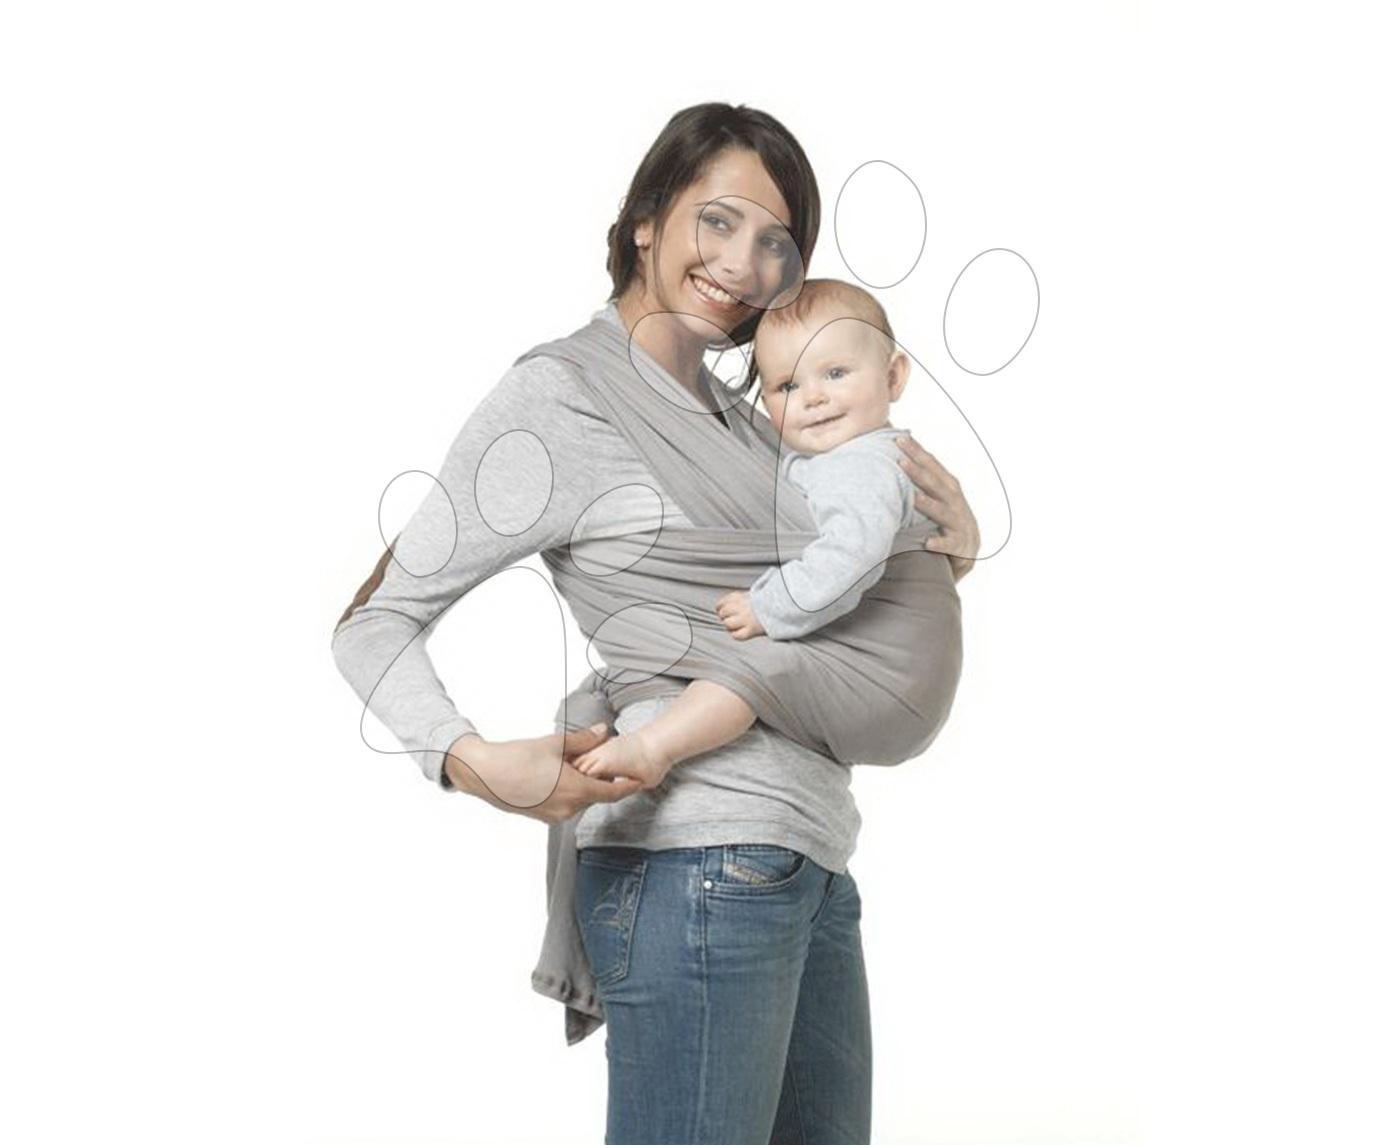 Nosič dětí šátek Red Castle Wrap od 3.5-18 kg velikost 4.70 m (36-42) stříbrný od 0 měsíců